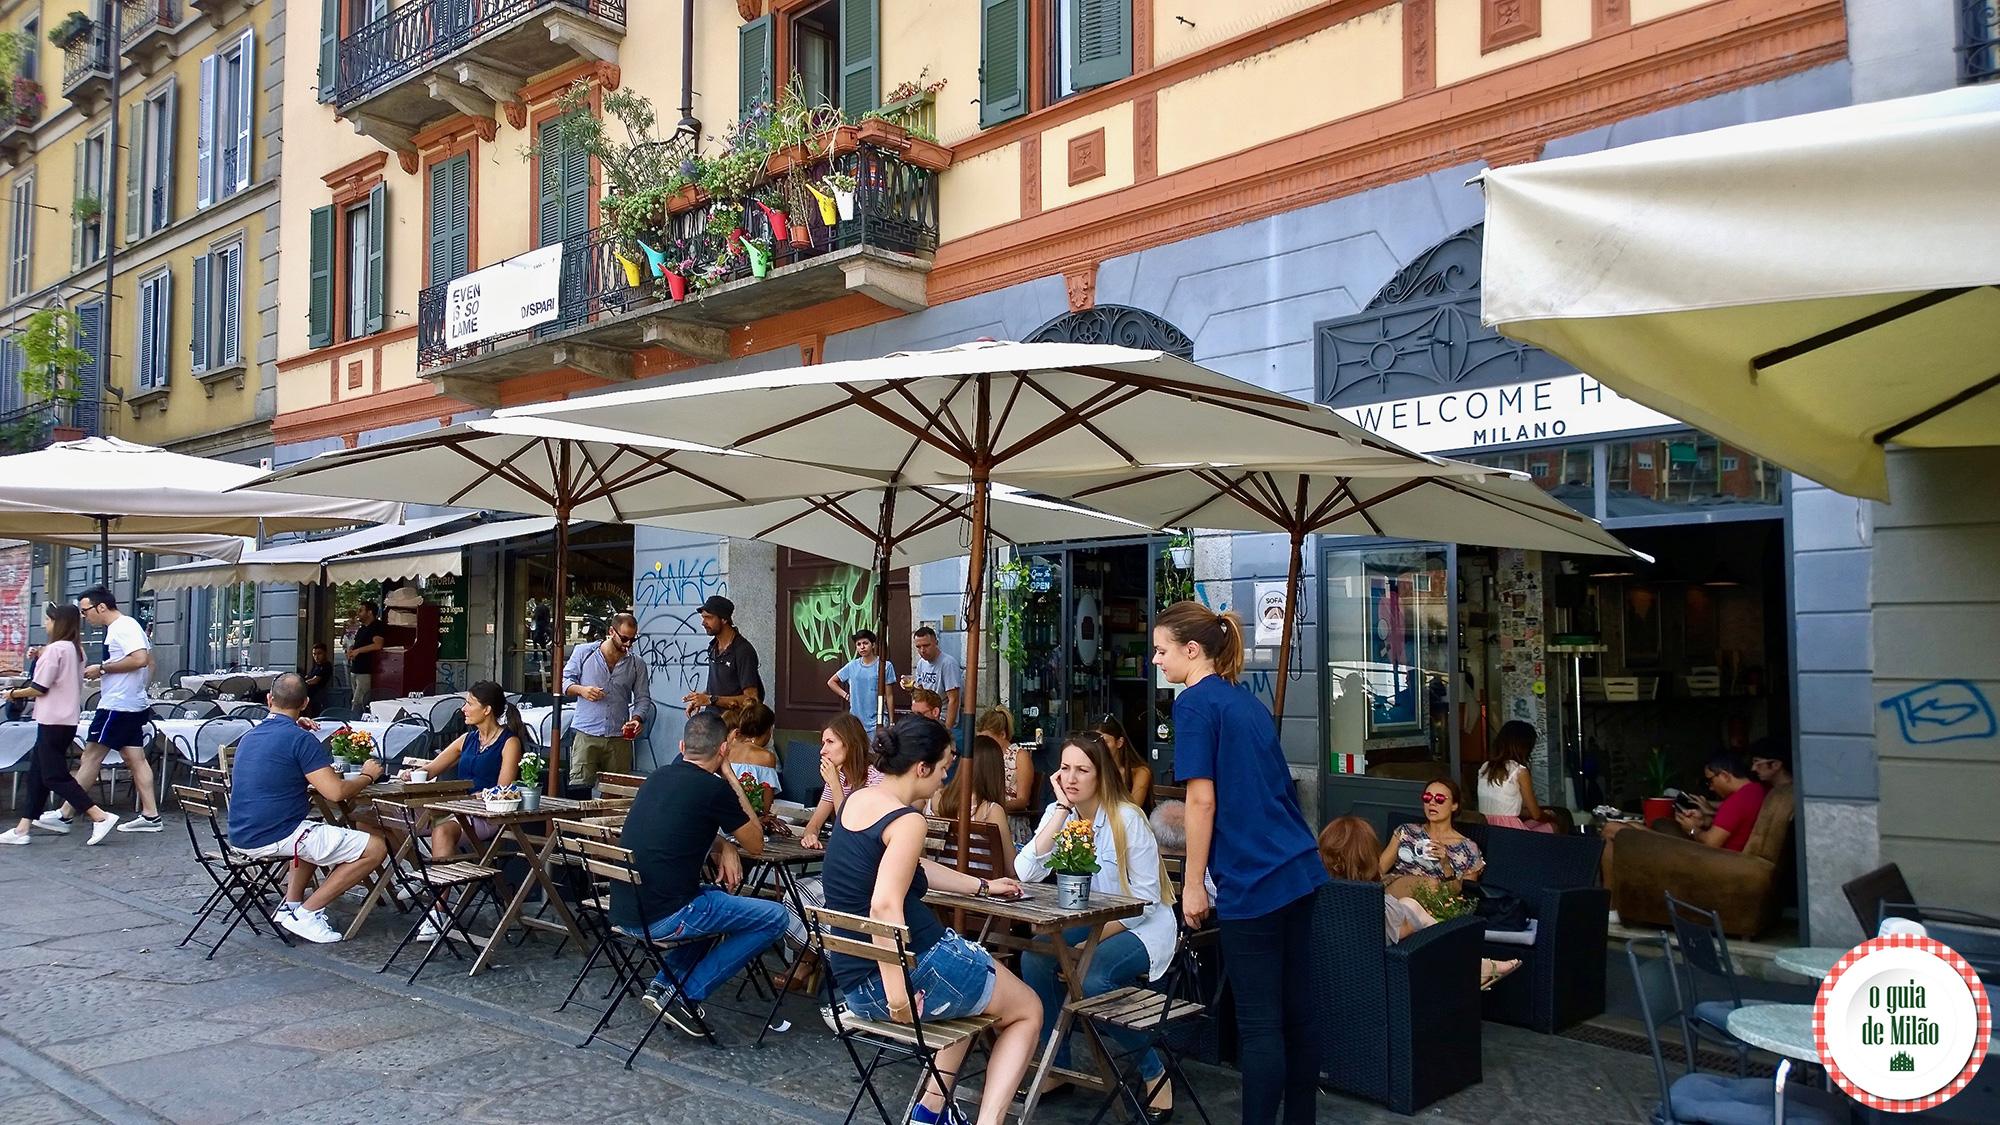 7 coisas românticas para fazer em Milão